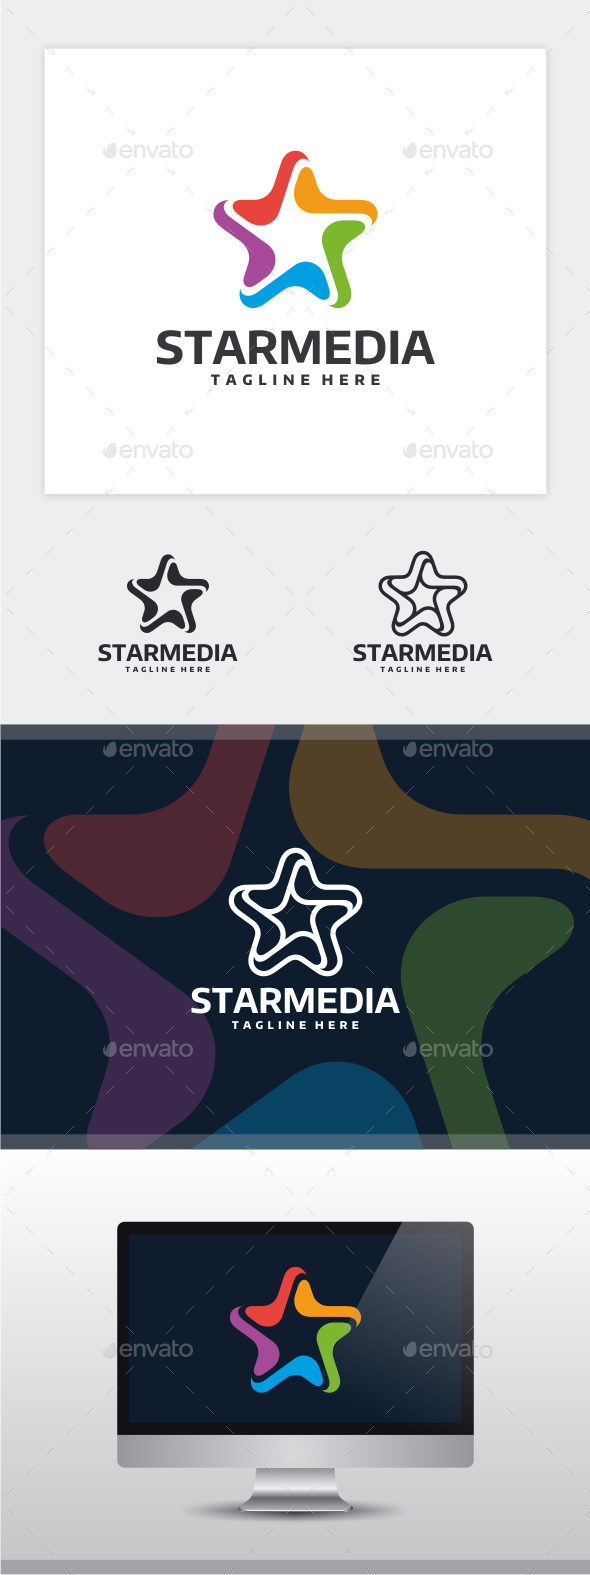 Star Media Logo - Vector Abstract